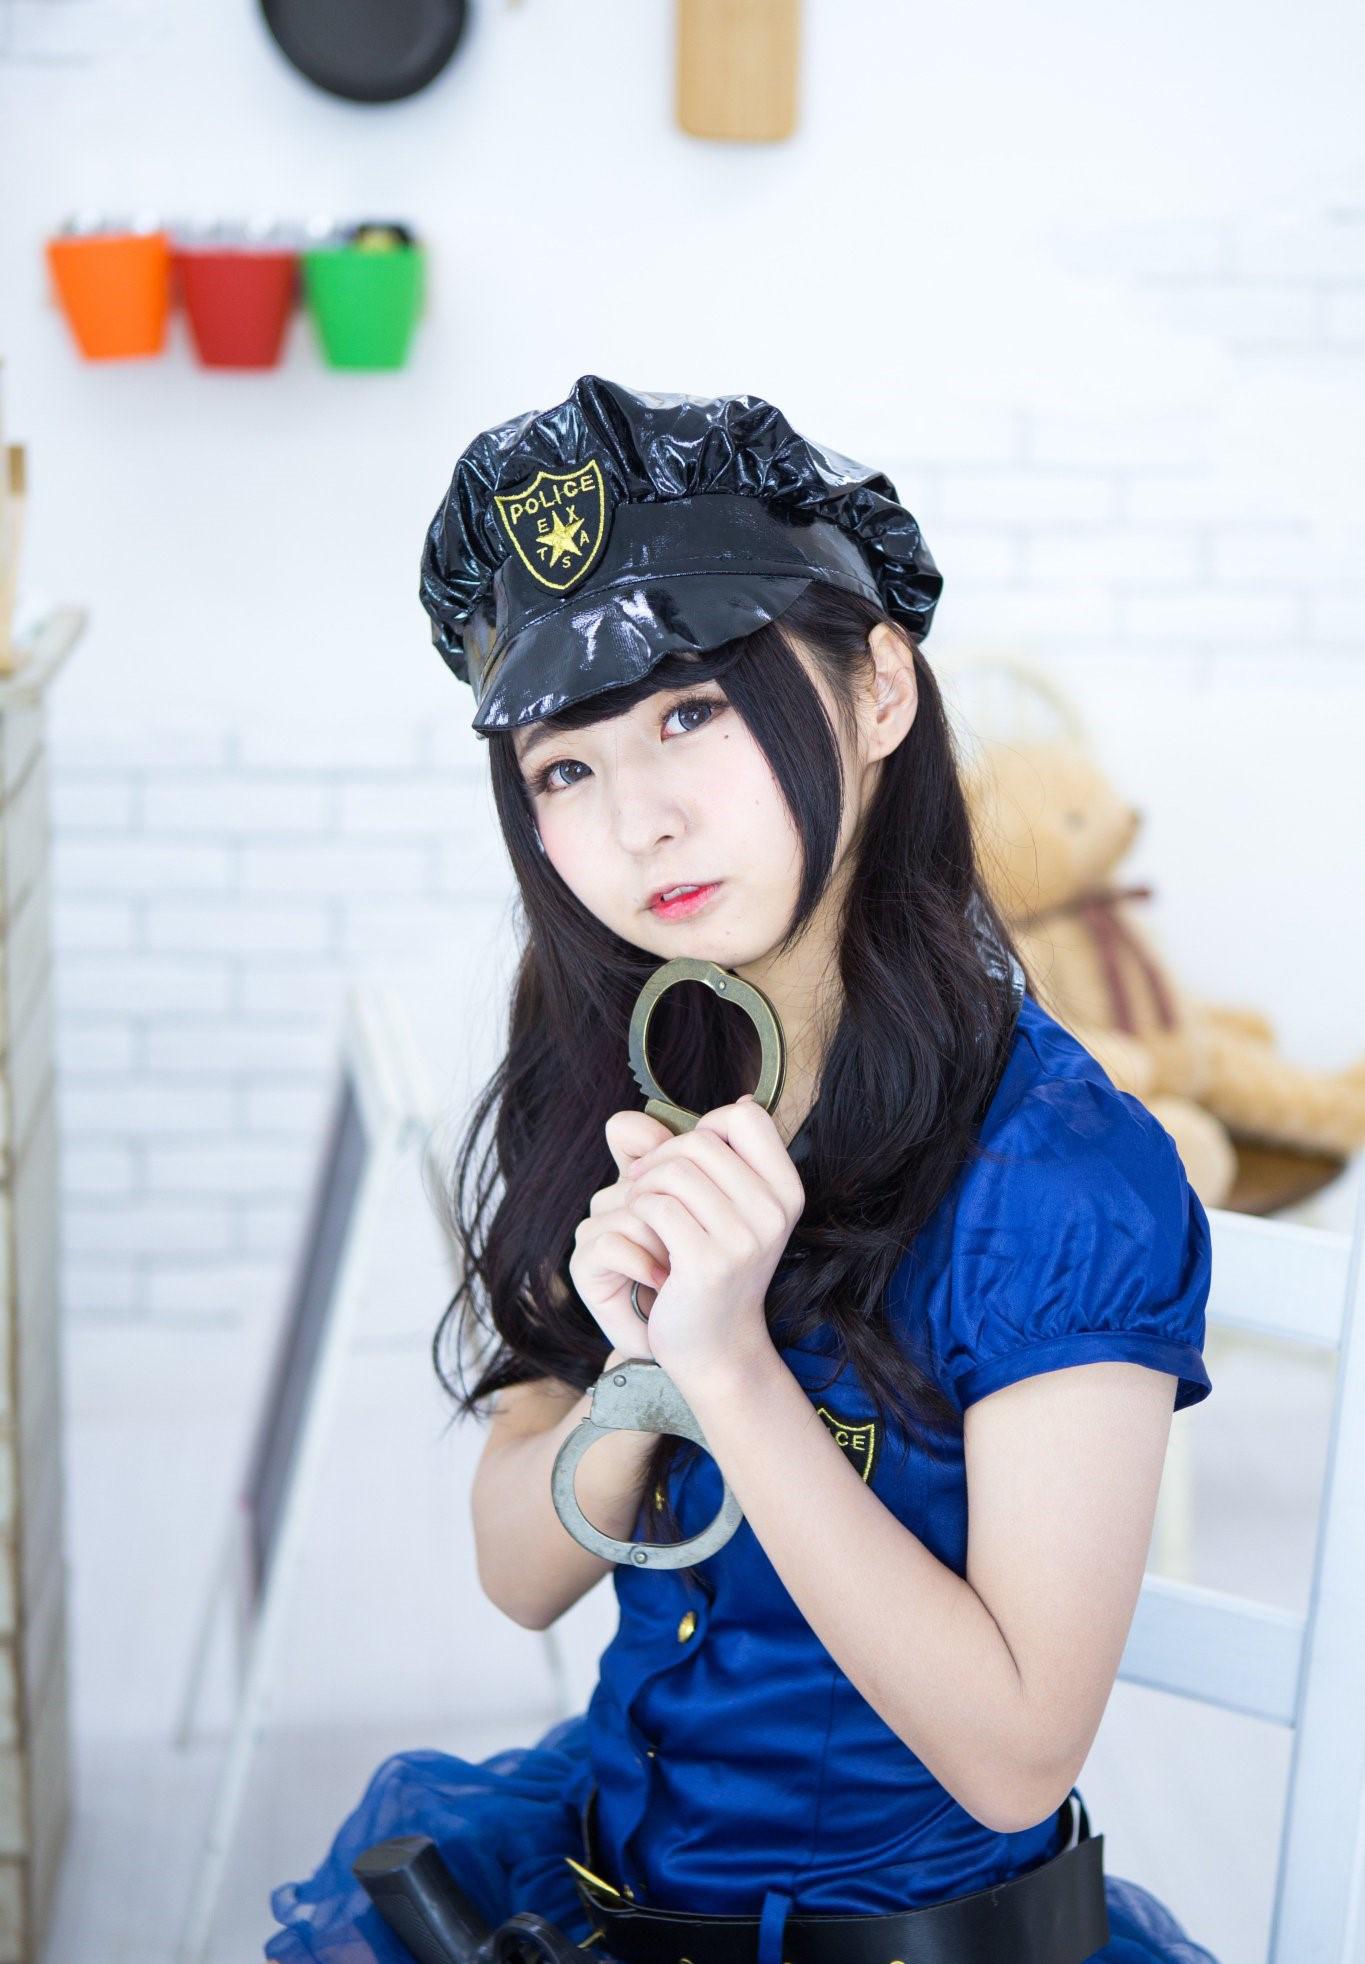 萝莉豆腐【53p】 少女映画